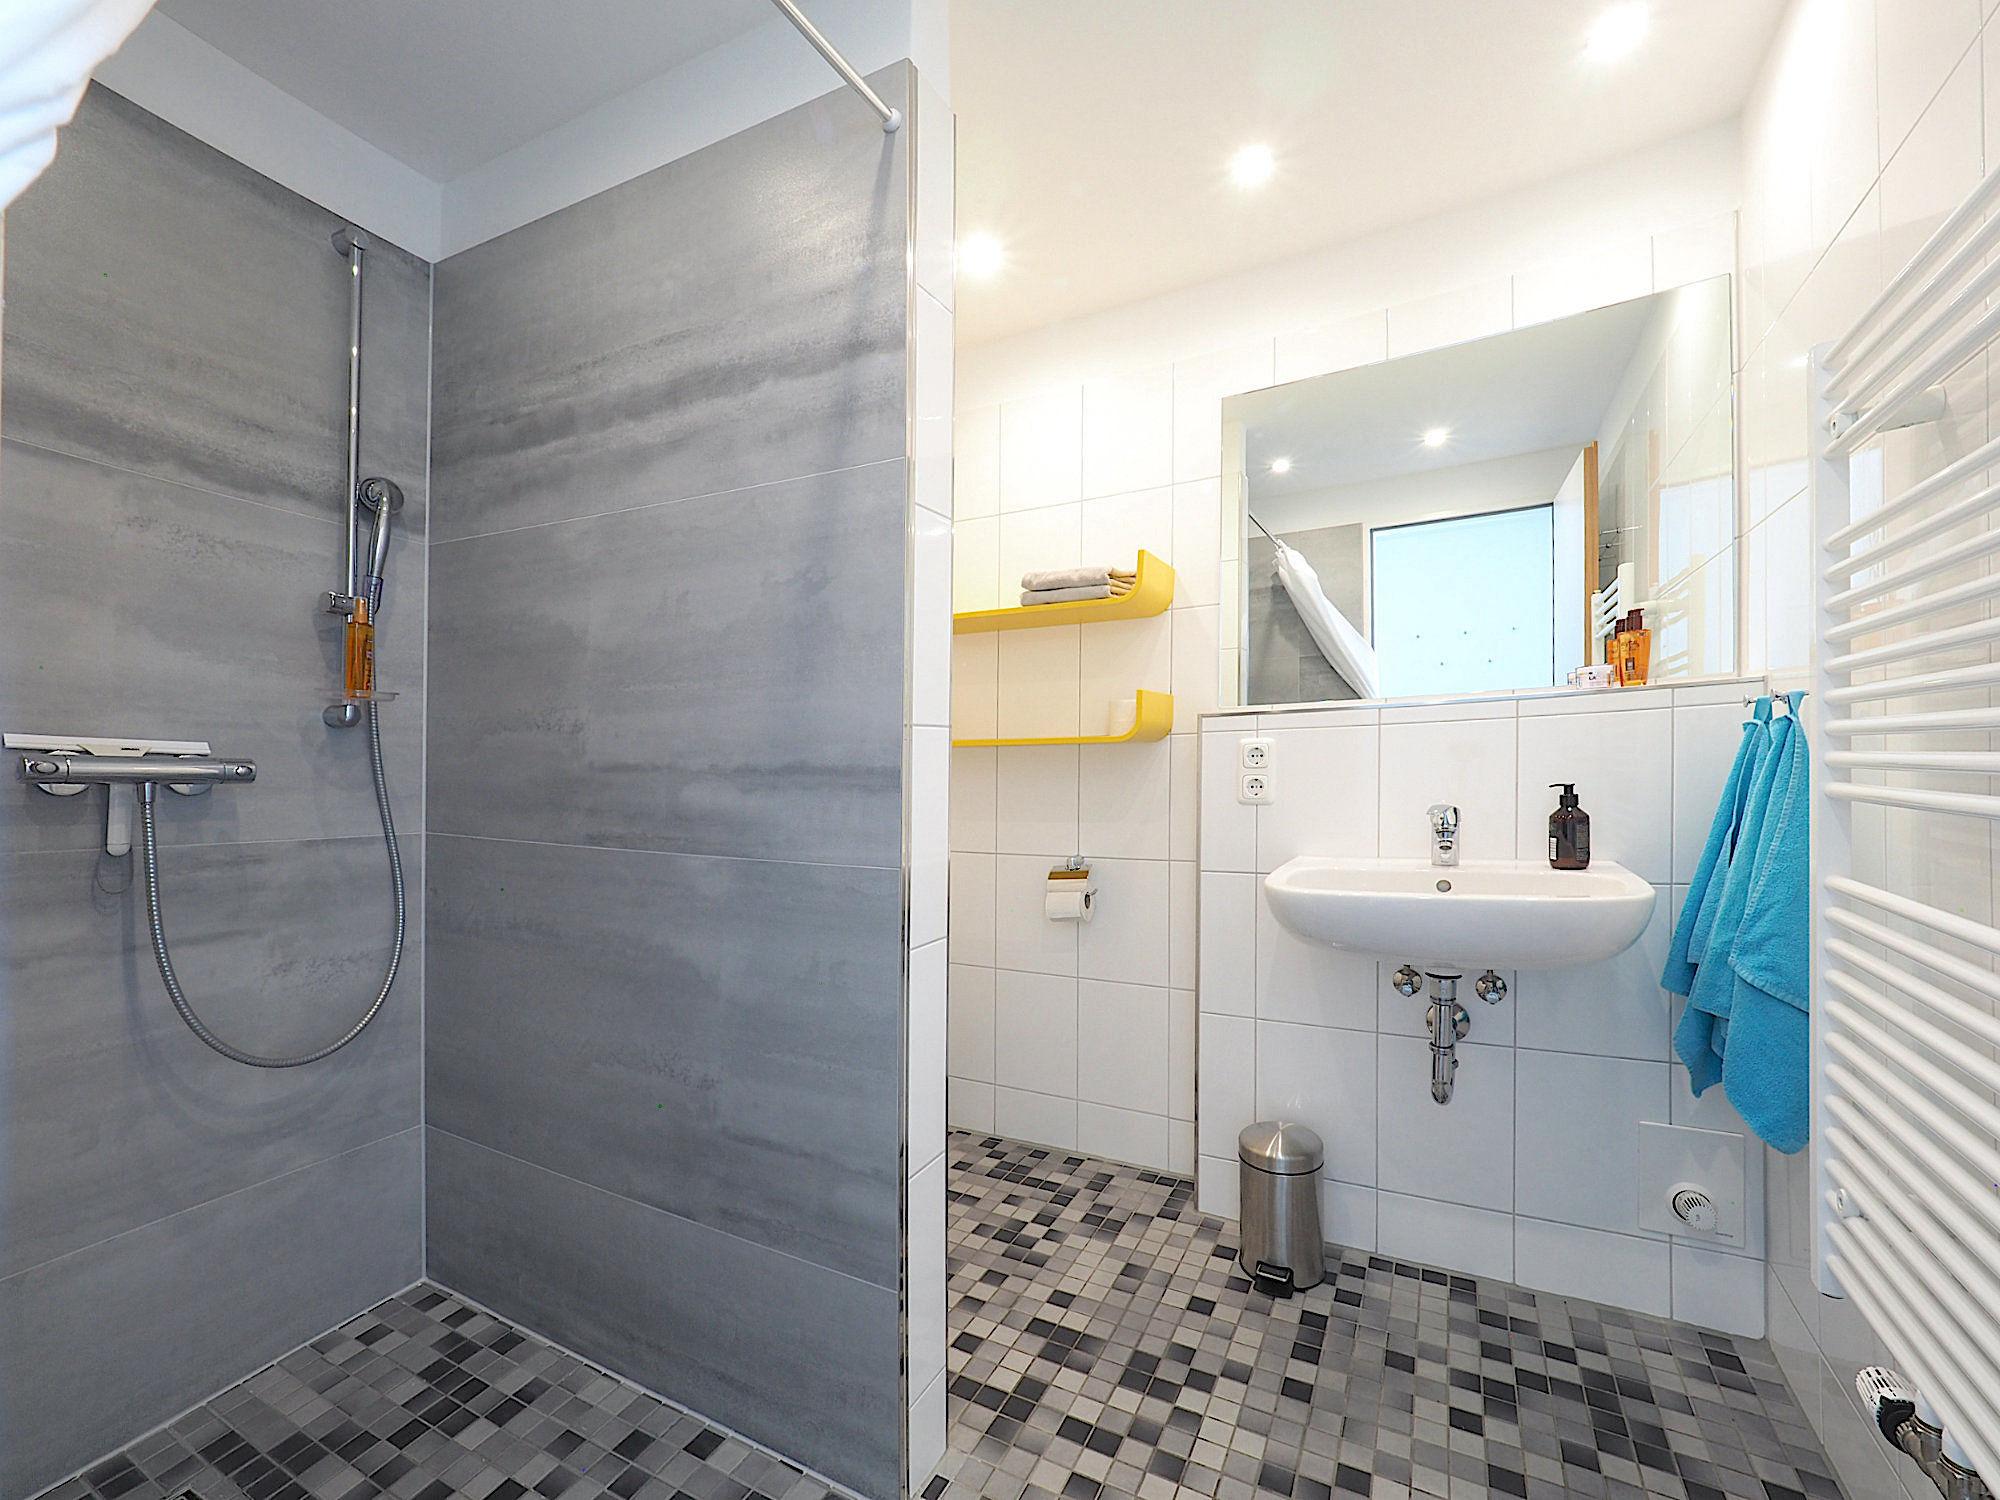 Duschbad mit bodentiefer Dusche, rechts davon ein Waschbecken und eine Handtuchheizung